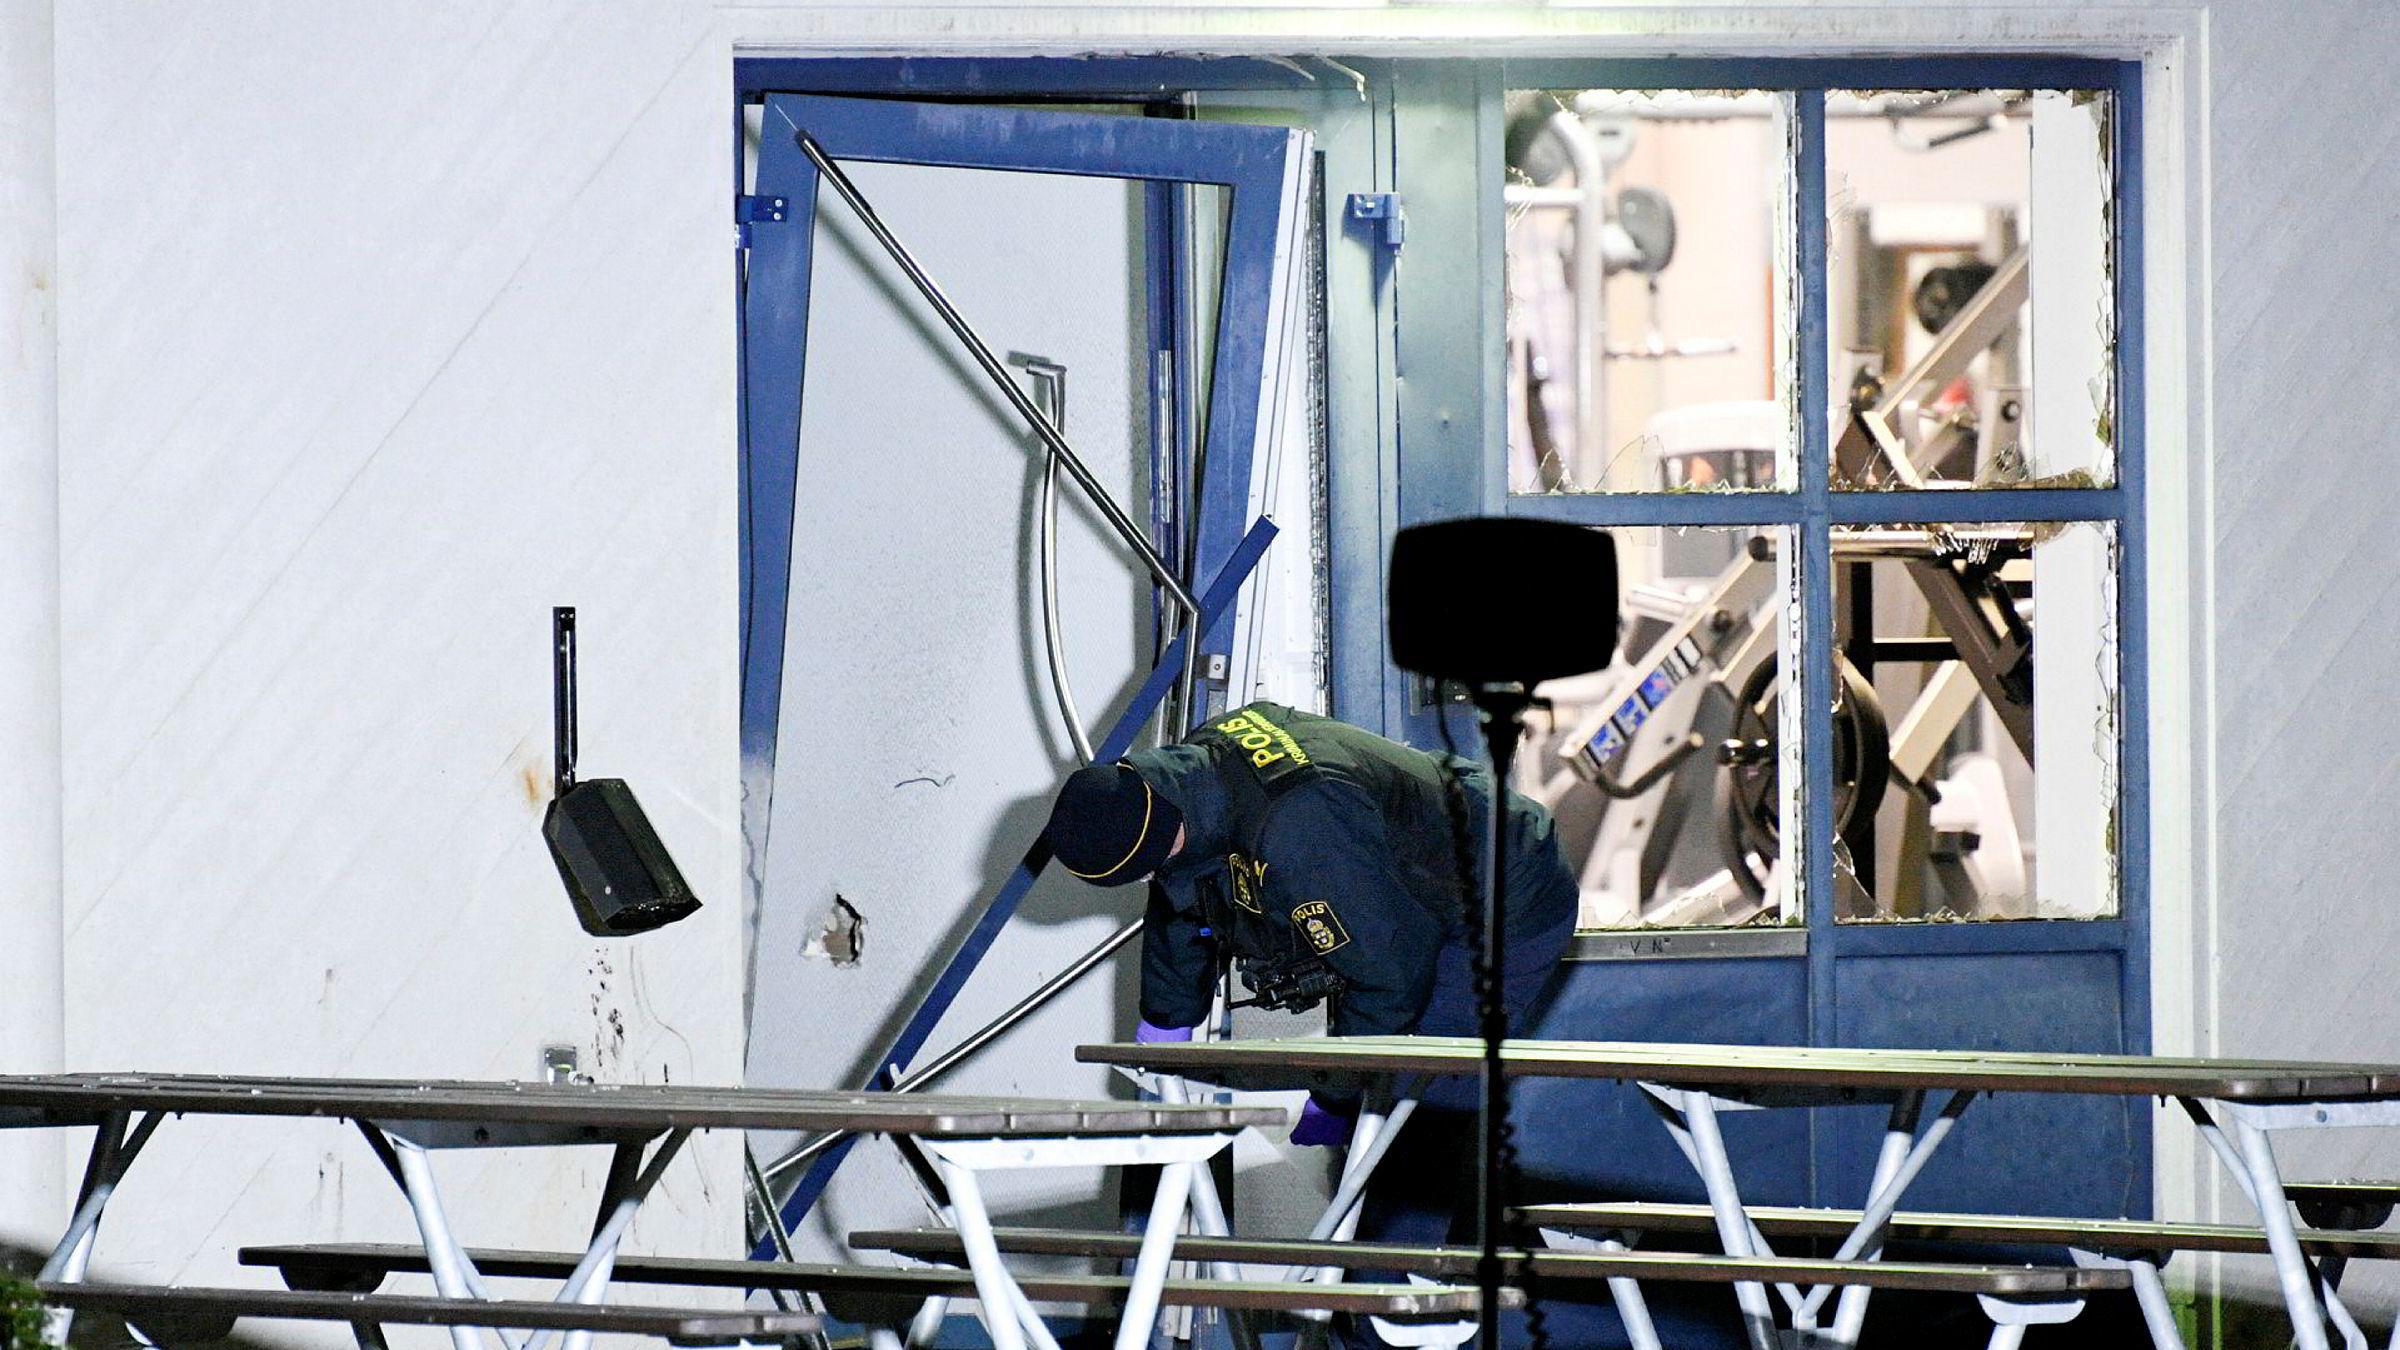 Ekstra innsats skal settes inn mot kriminelle gjenger i en egen offensiv, «Operasjon Rimfrost». Her en kriminaltekniker på jobb i Helsingborg